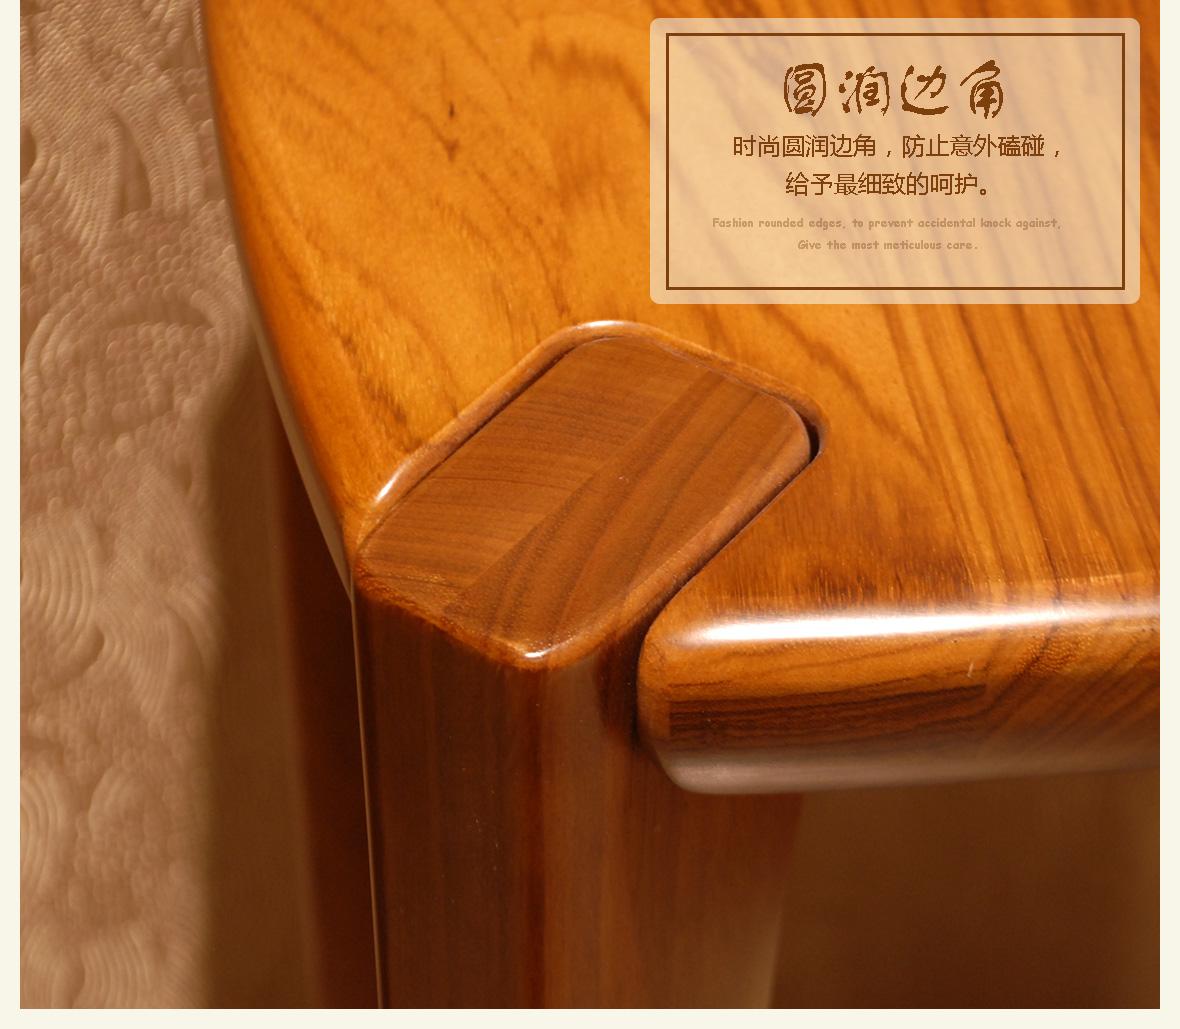 赖氏家具家具木高都市WJW0101A乌金v家具实木风型号花架官网图片